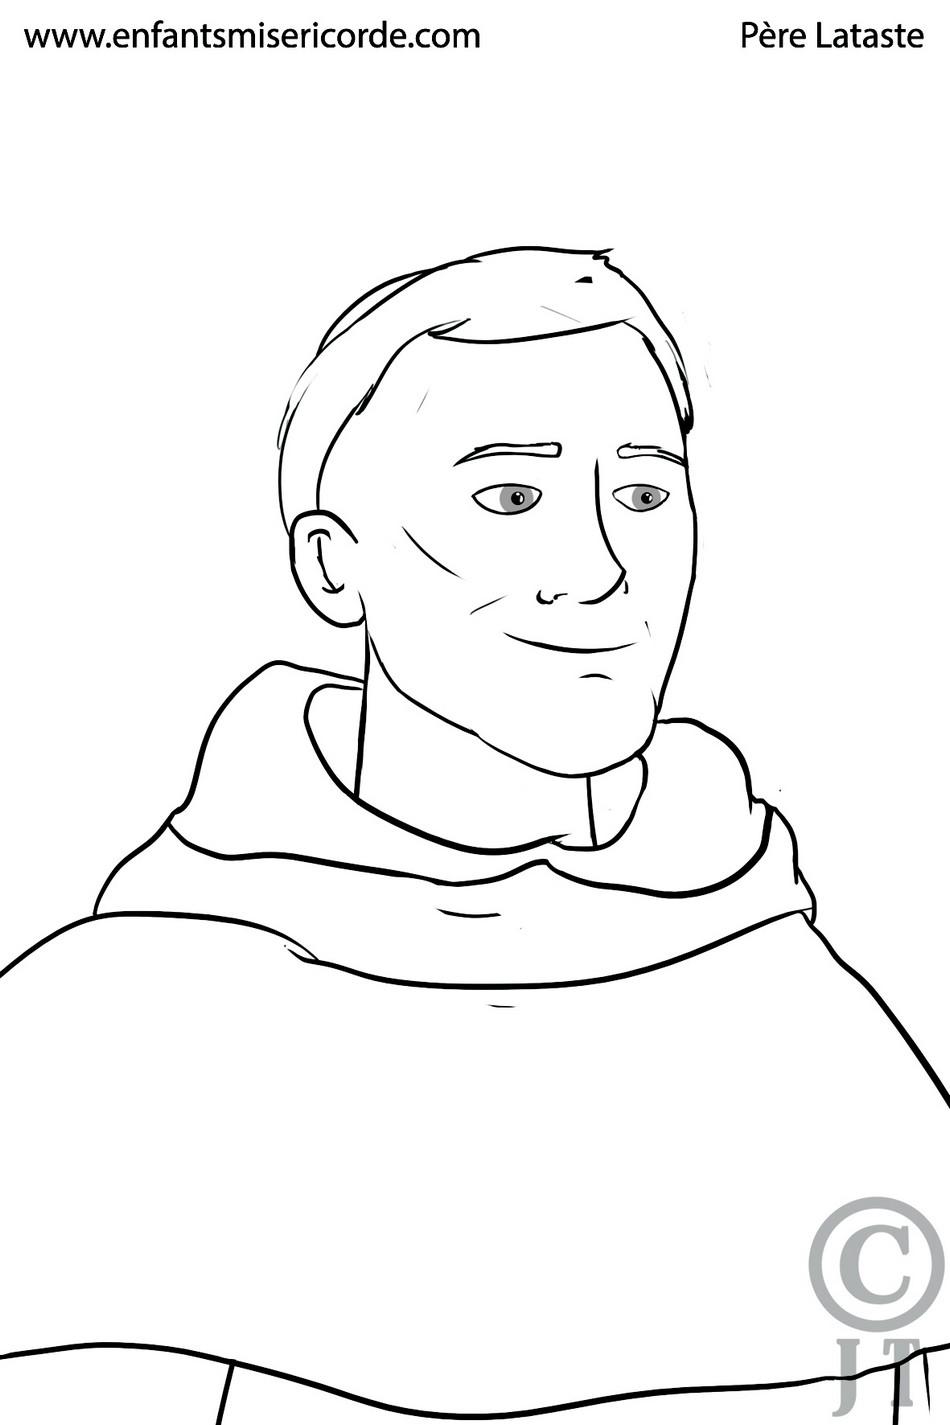 Coloriage Père Lataste